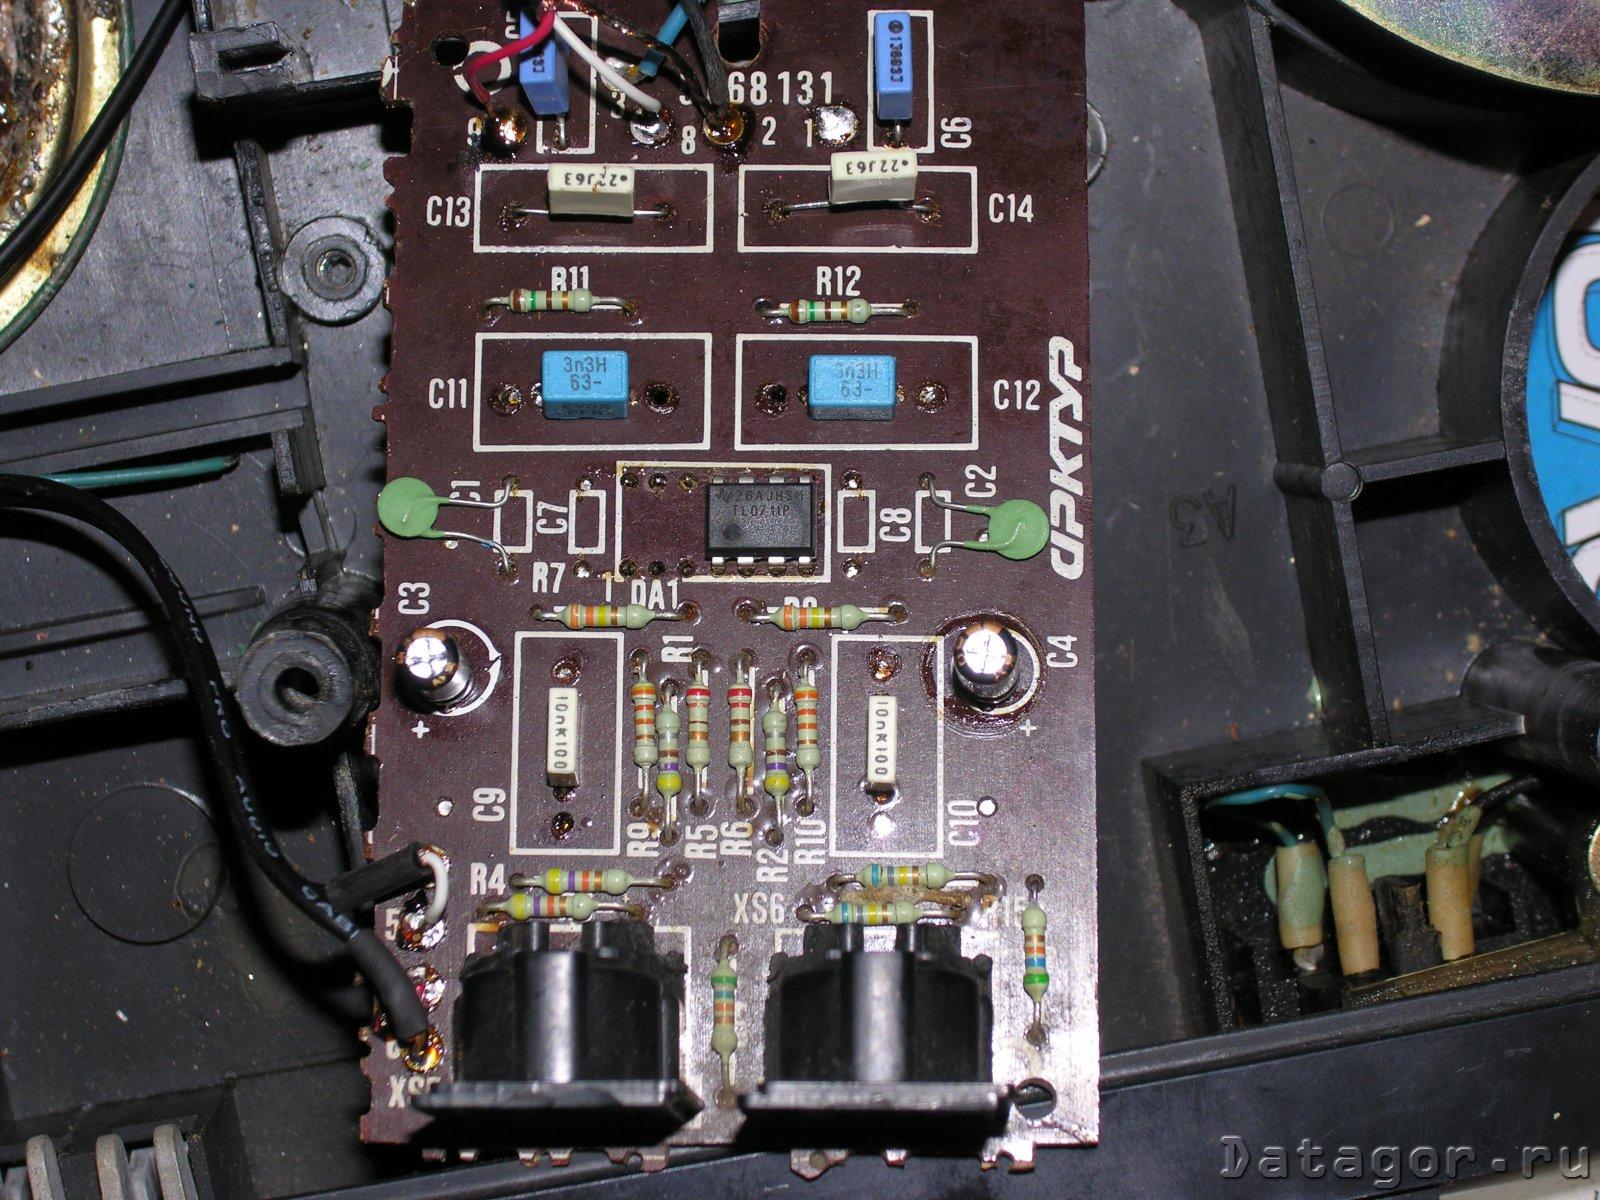 схема усилителя для акустической системы вега 15ac-109